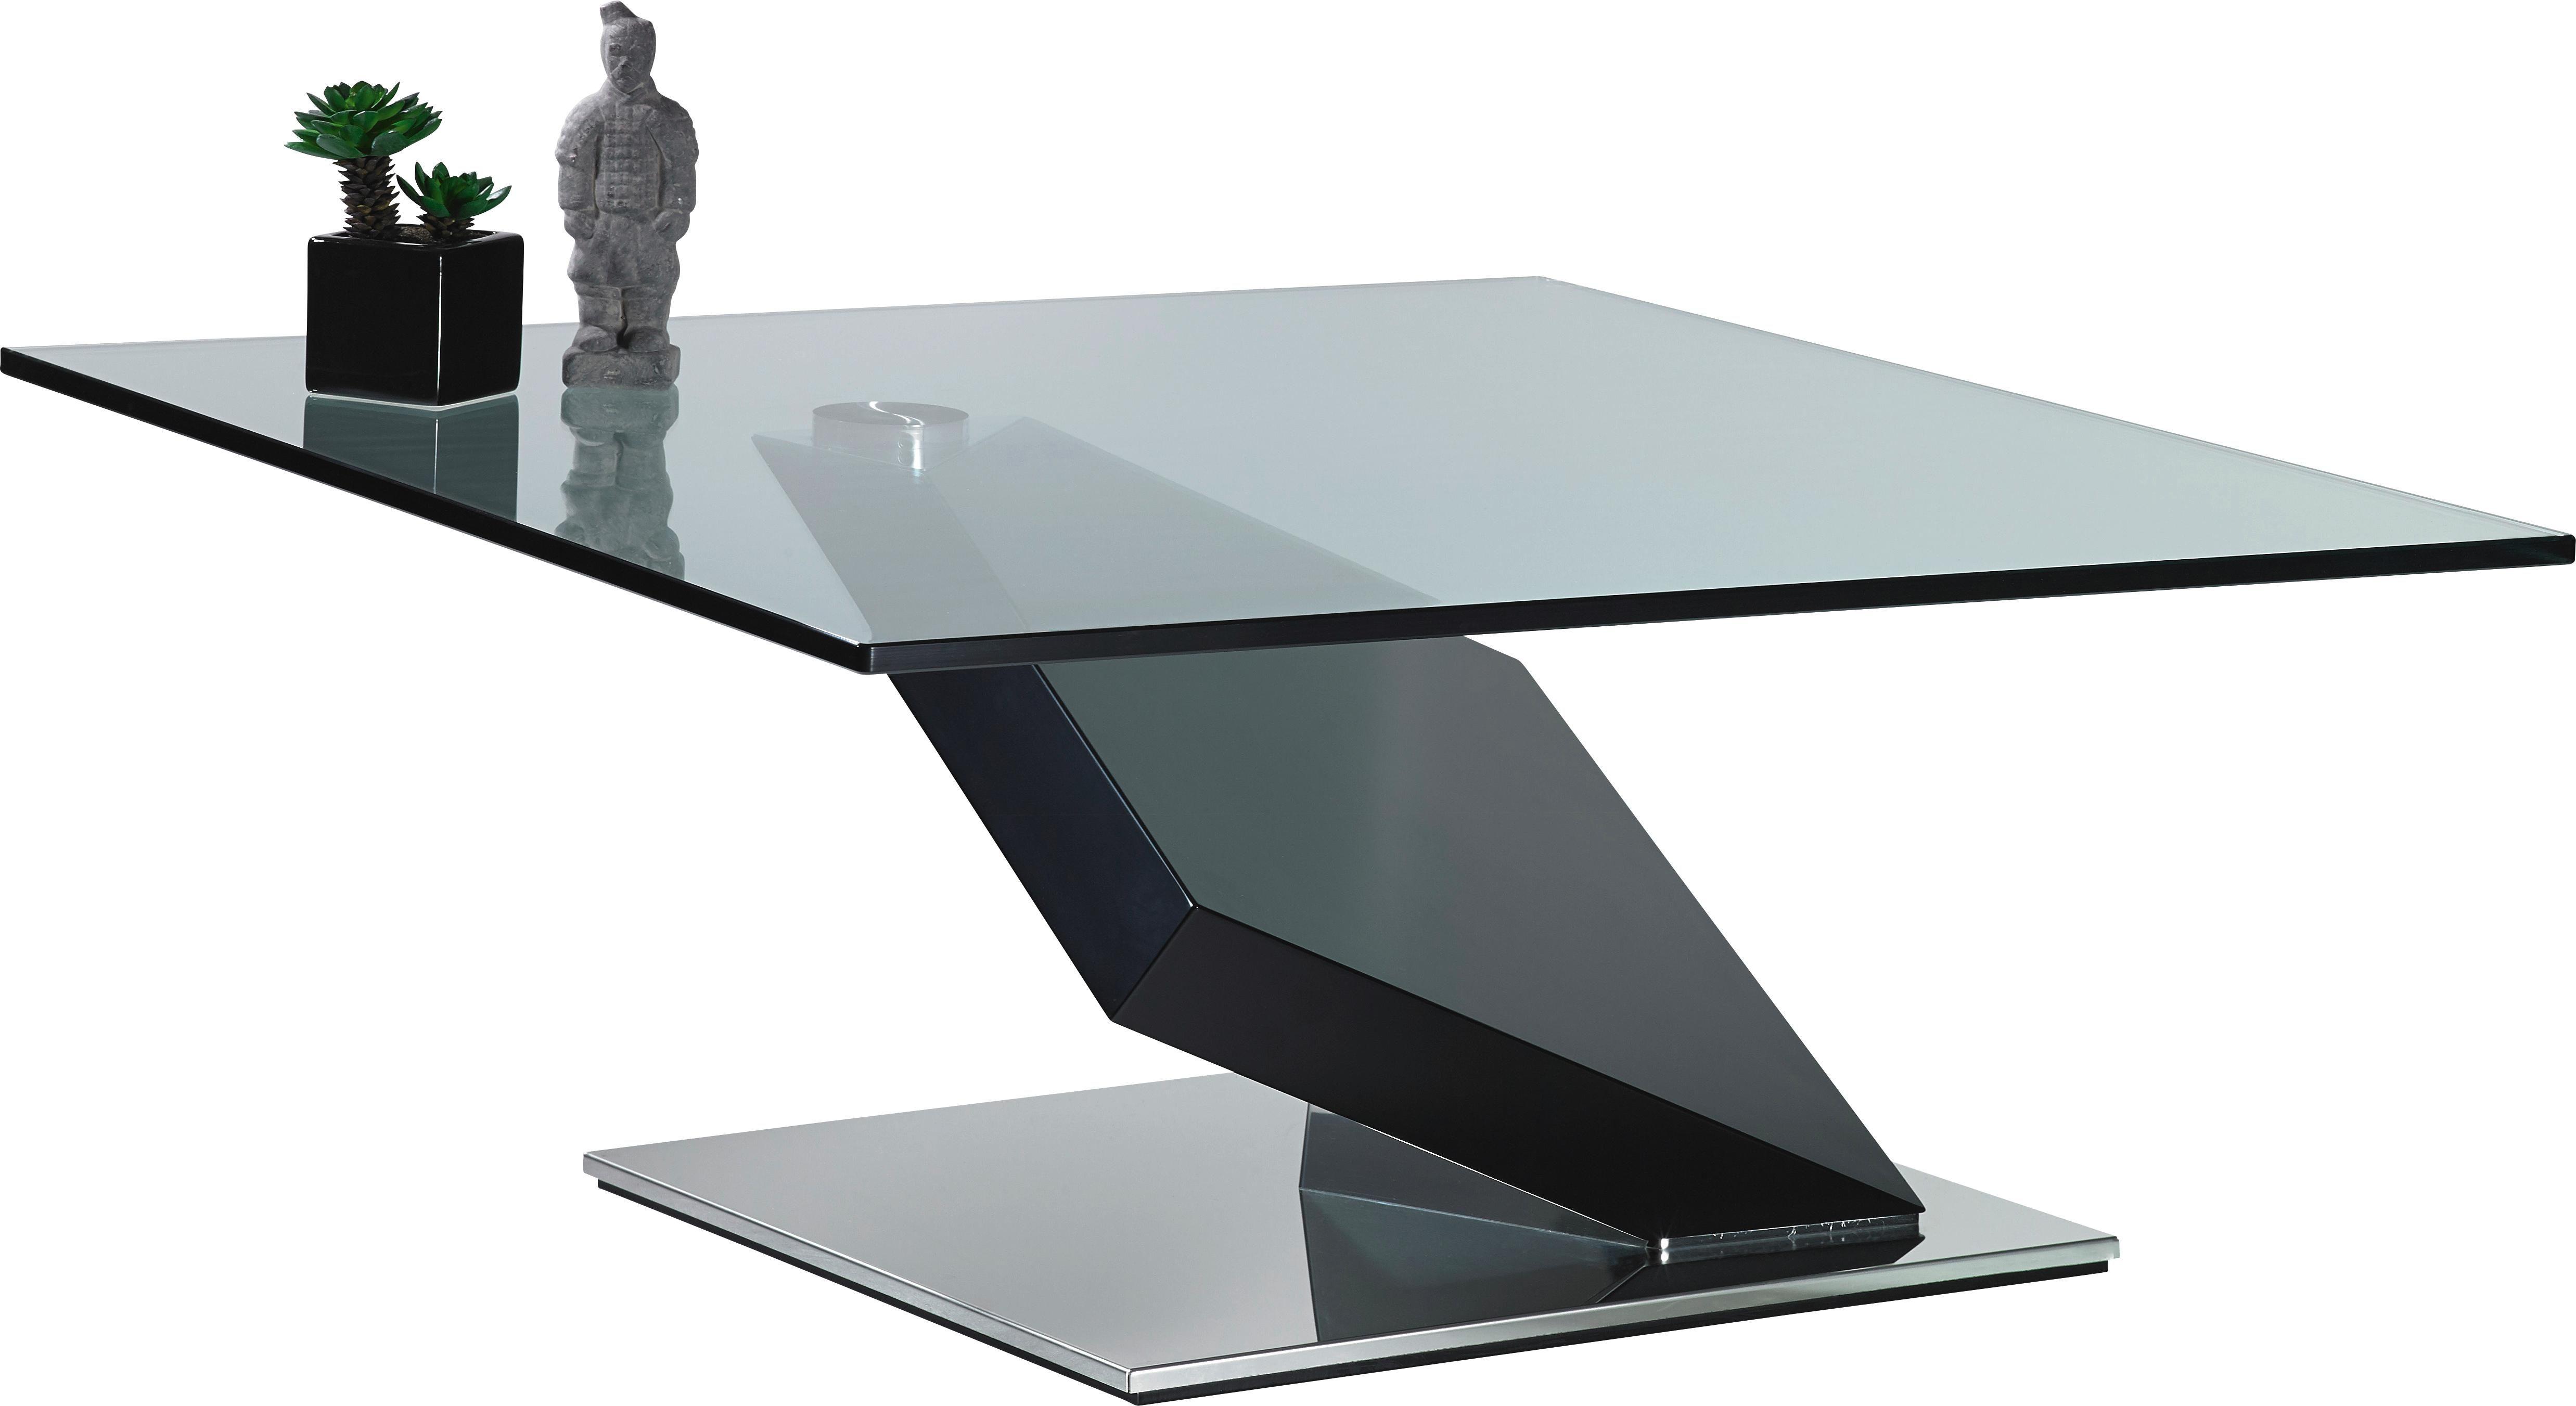 Couchtisch In Metall Glas Holzwerkstoff 95 95 41 Cm Online Kaufen Xxxlutz Glastisch Wohnzimmer Glastische Wohnzimmer Modern